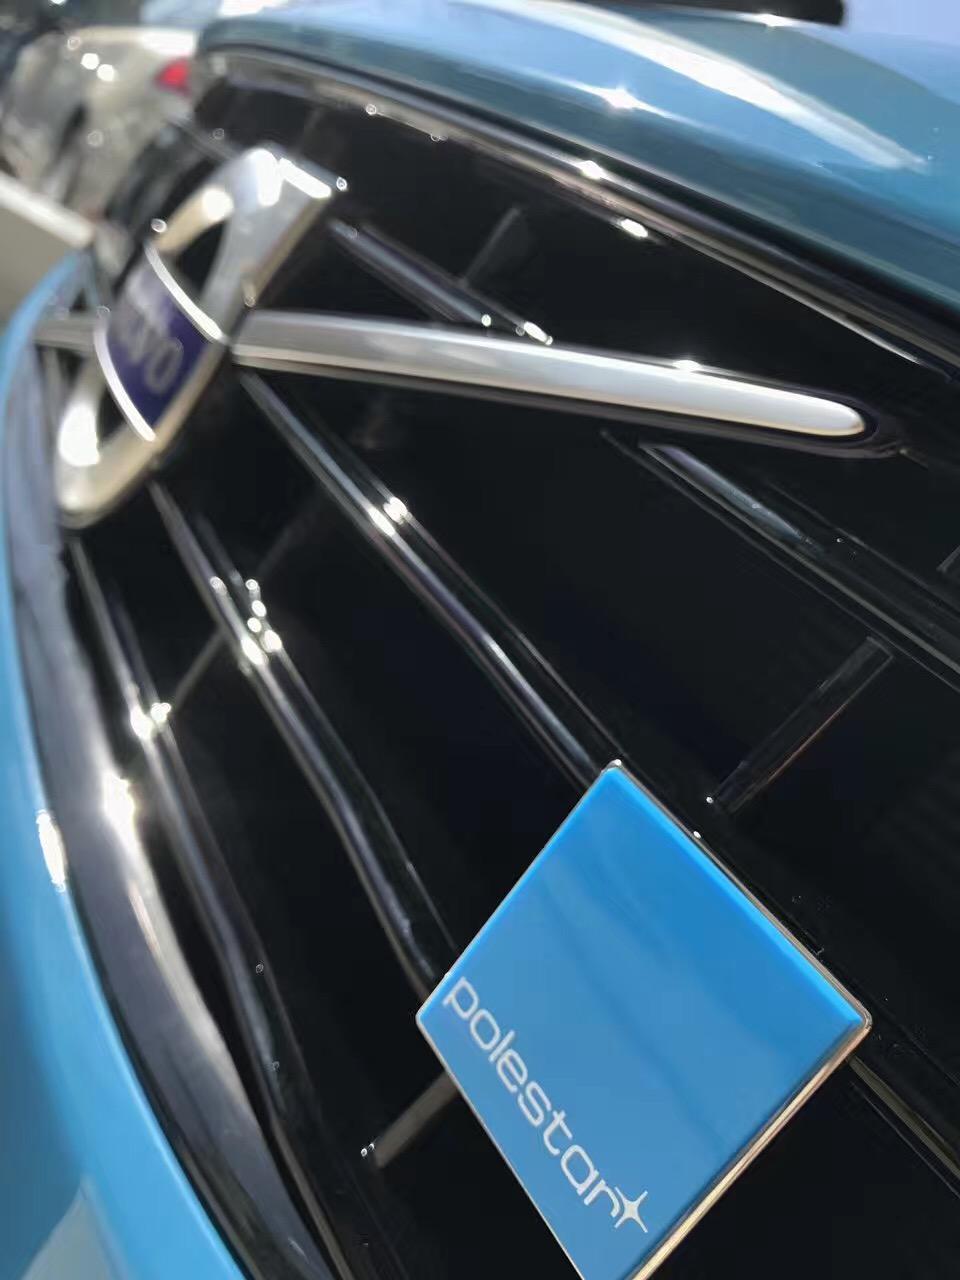 与保时捷同级,沃尔沃即将发布豪华高性能子品牌